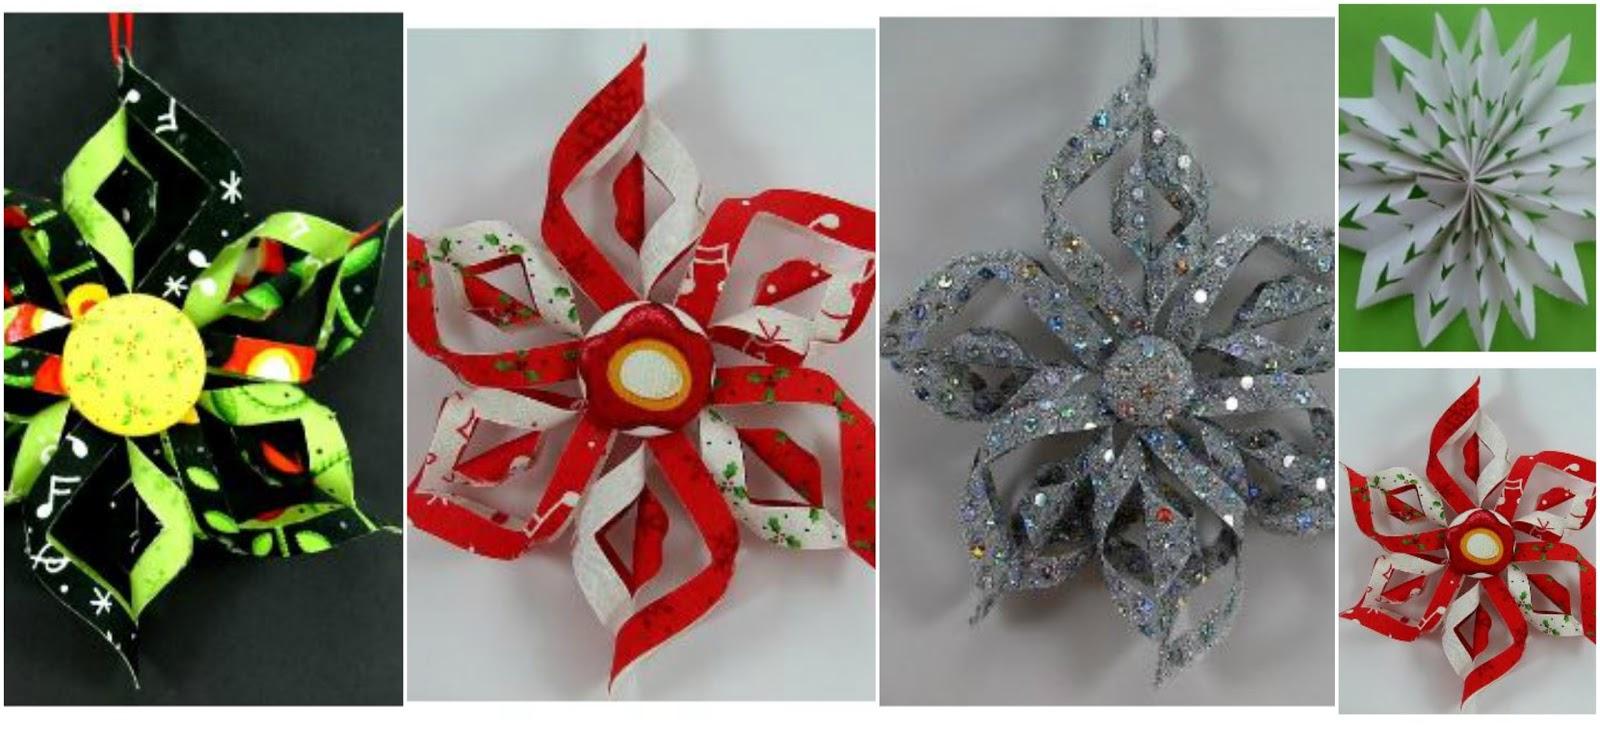 Haz lindos adornos de papel y foami para esta navidad - Adornos de papel para navidad ...